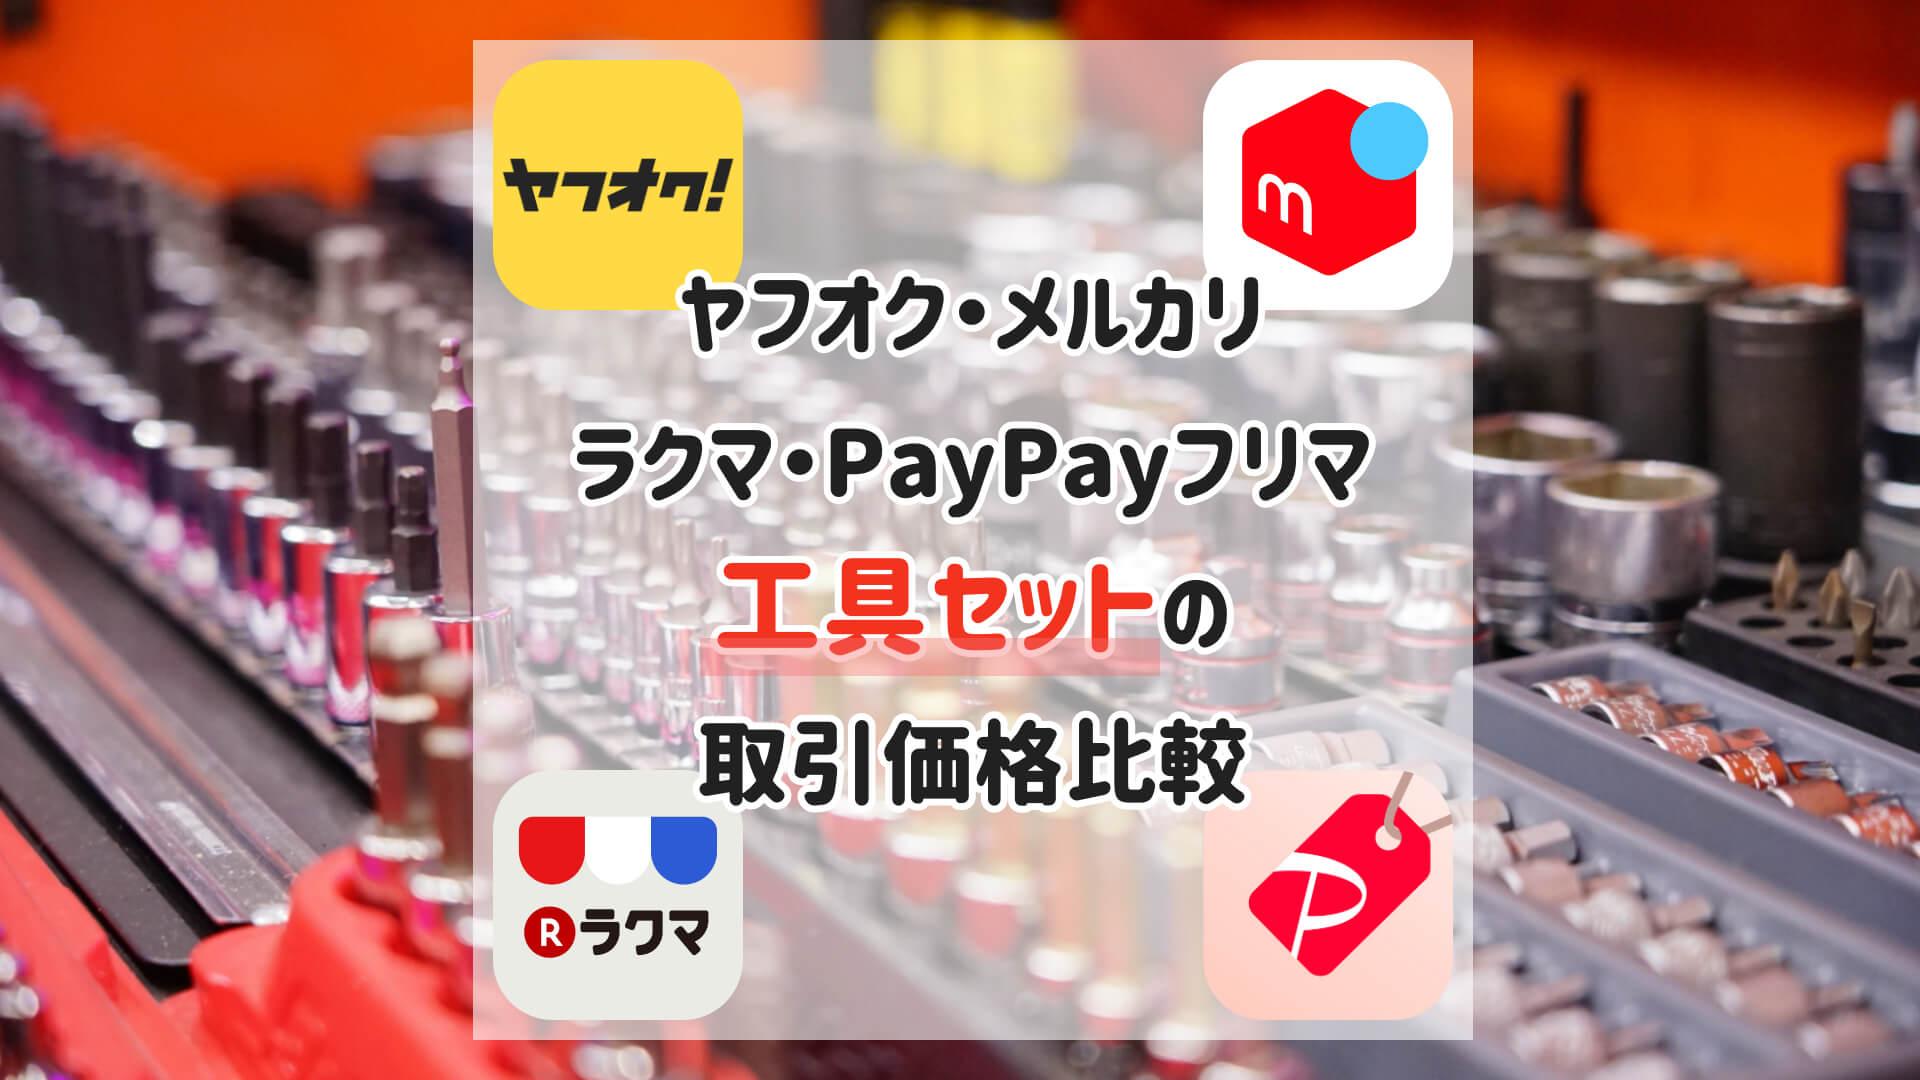 【ヤフオク・メルカリ・ラクマ・PayPayフリマ】 工具セットの落札取引価格比較【神戸オークション】